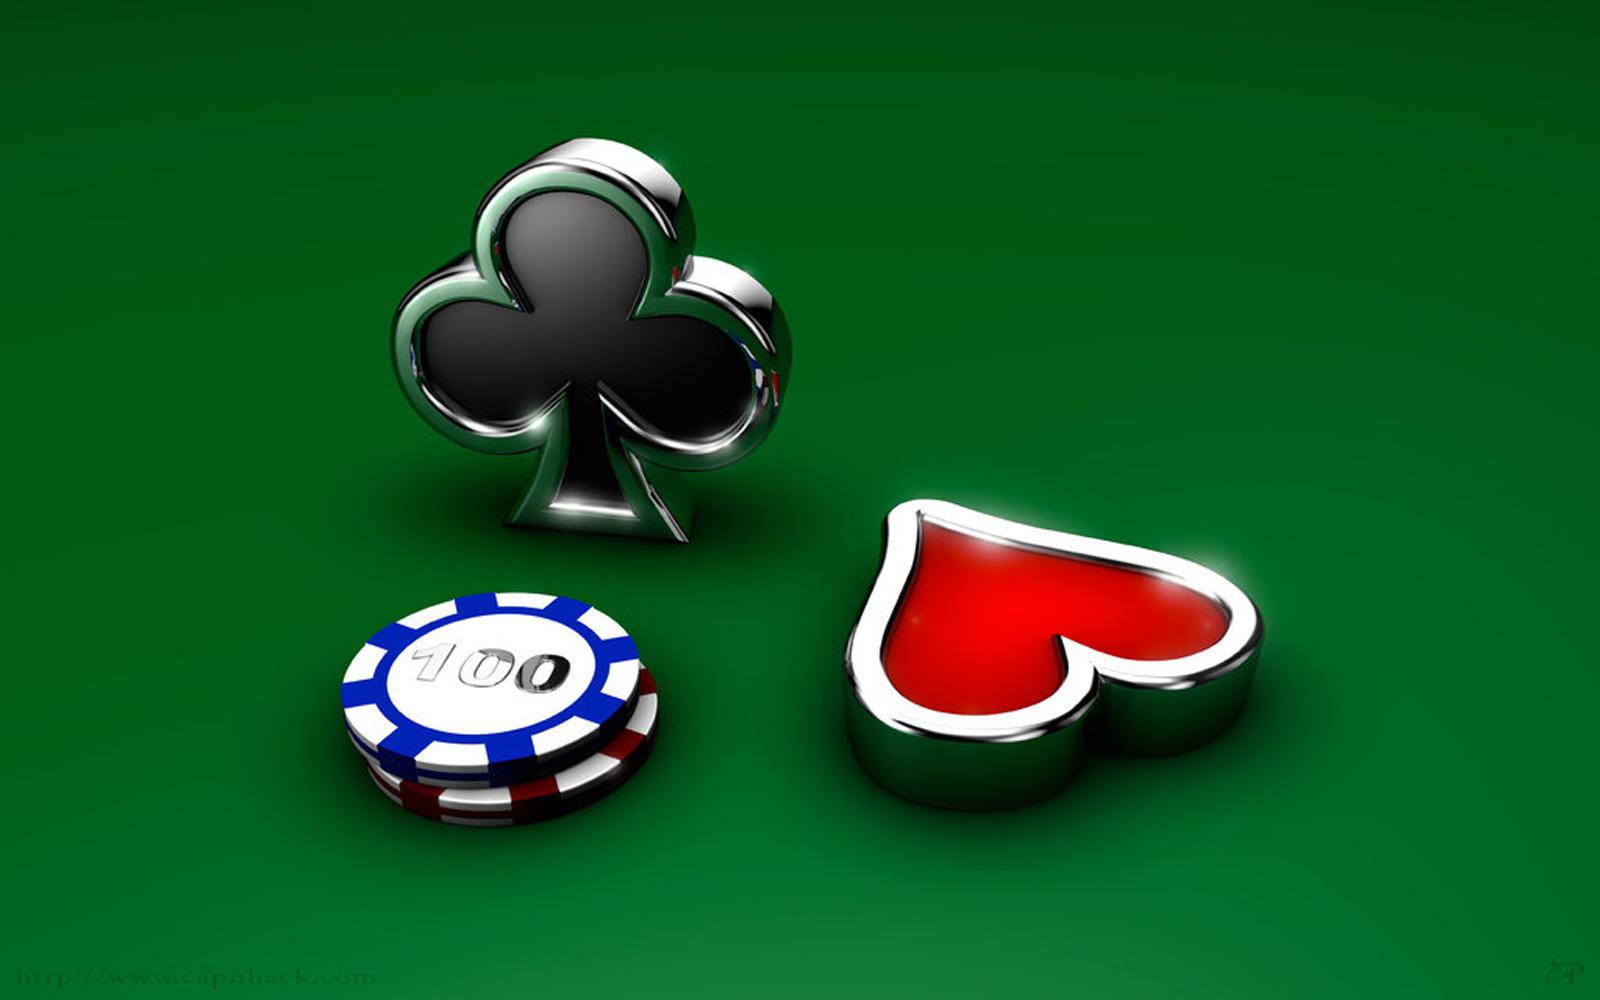 http://2.bp.blogspot.com/-InAL2QXNd1o/Tfa9Q4PEg5I/AAAAAAAAAIU/Mx31CQeiyfc/s1600/poker_4.jpg